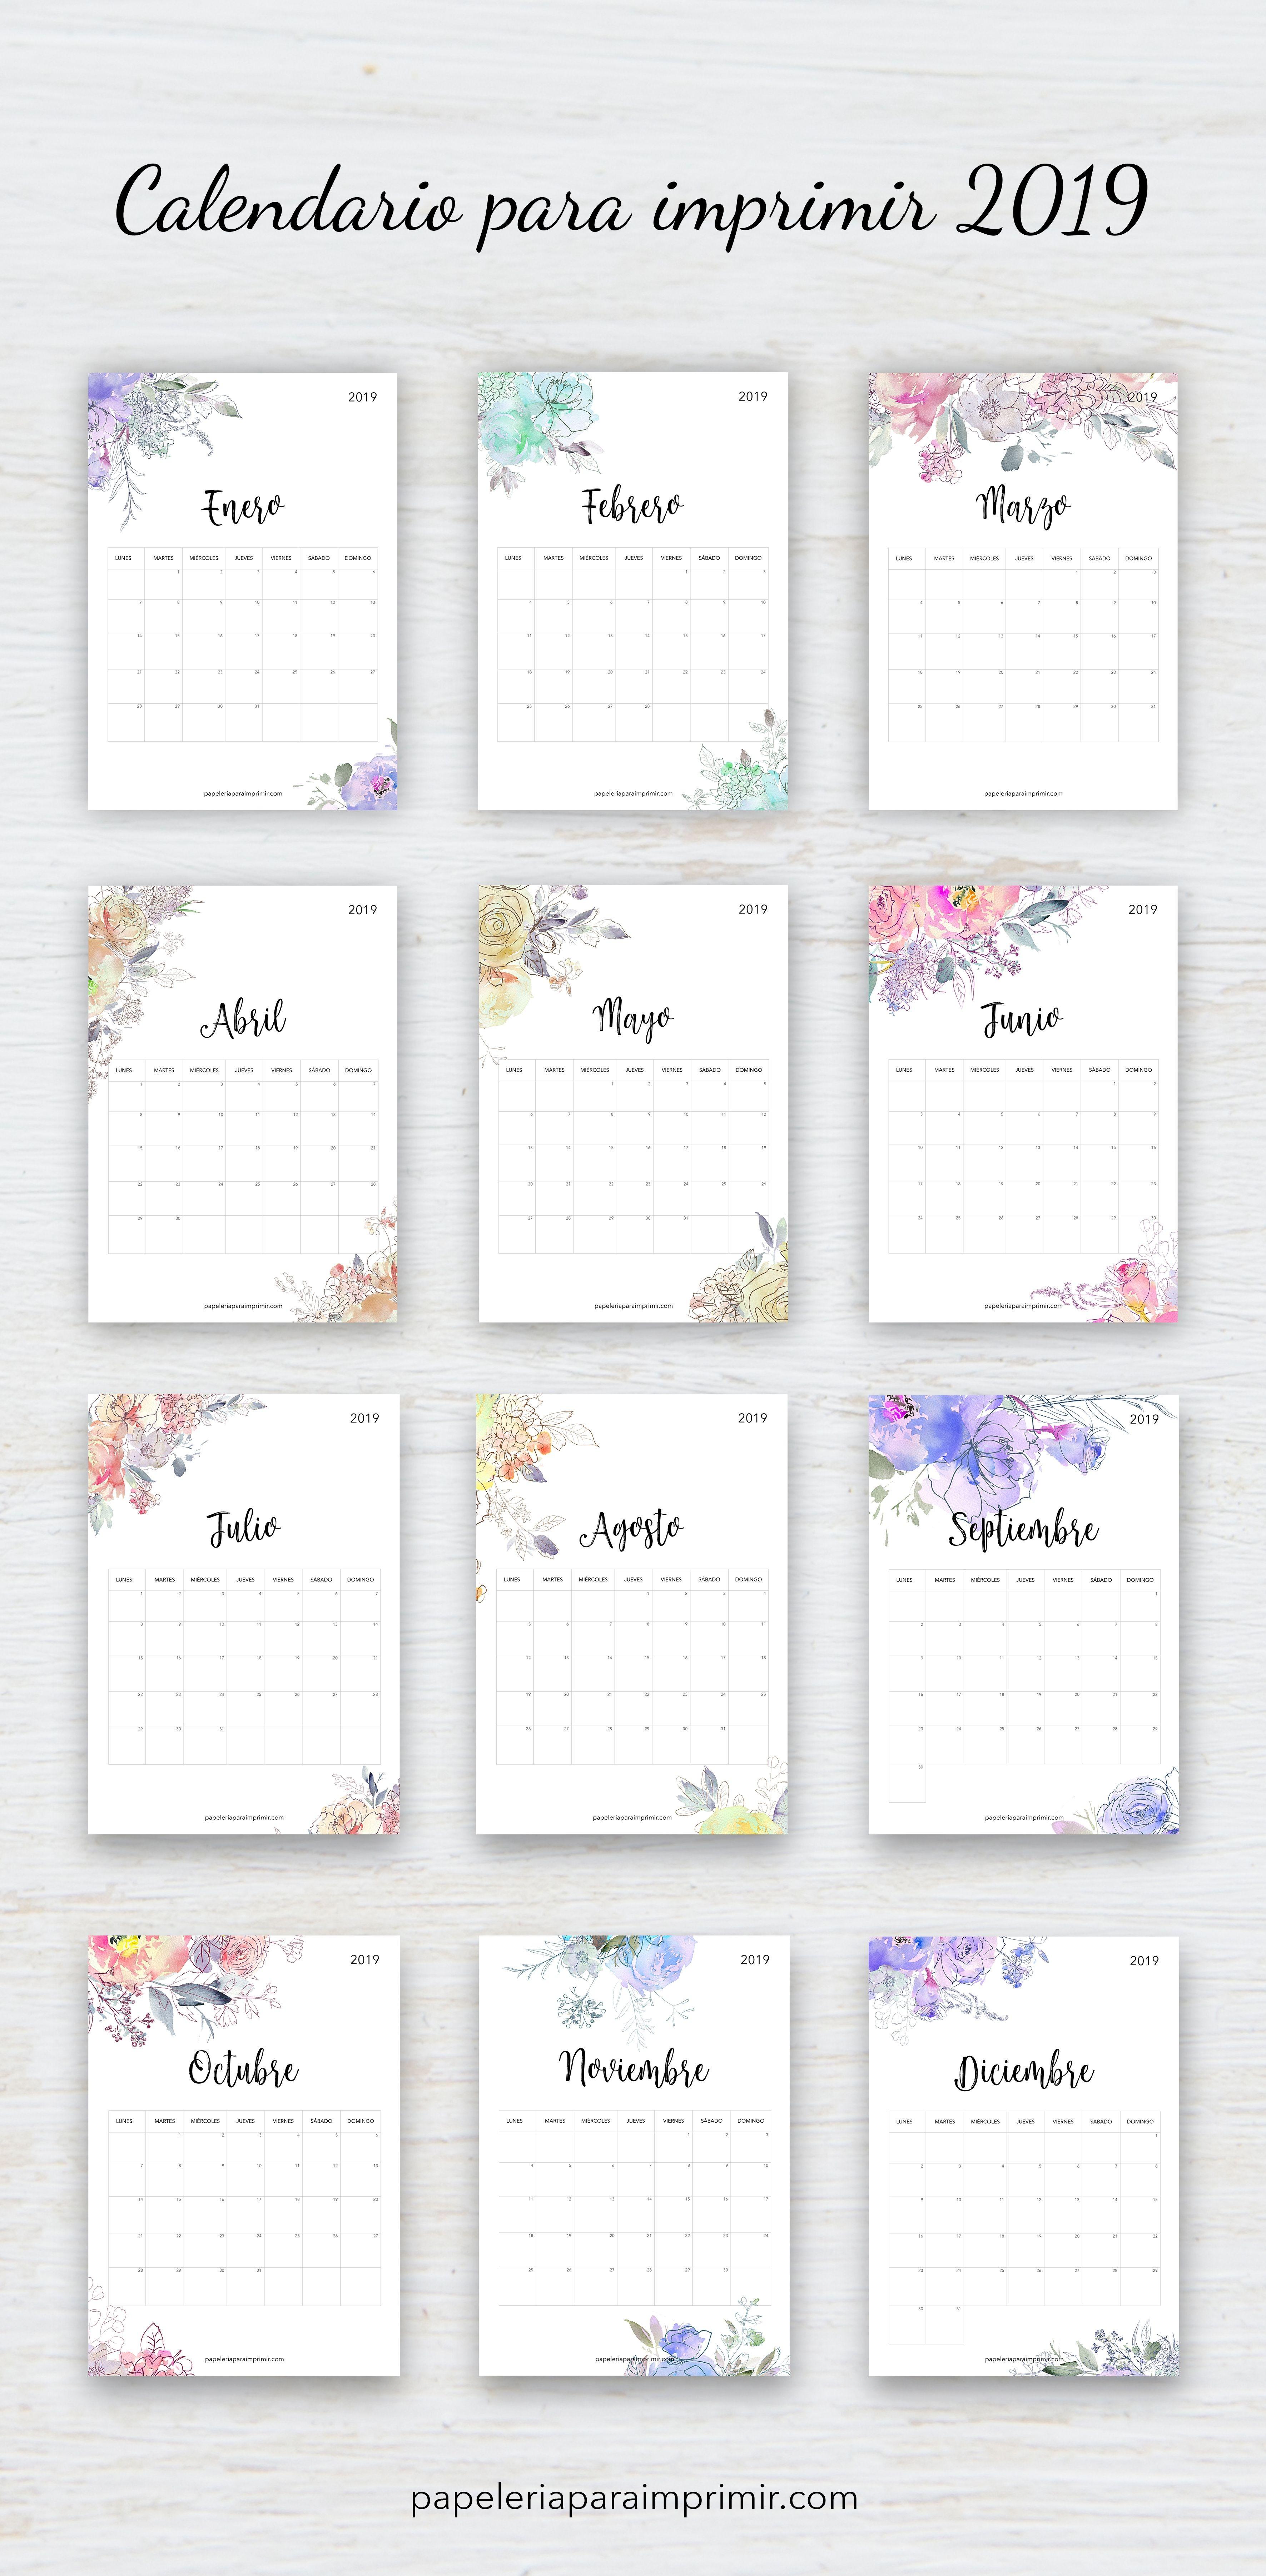 Calendario Mayo 2017 Para Imprimir Niños Más Reciente soraya Del Rey sorayadelreyestudio En Pinterest Of Calendario Mayo 2017 Para Imprimir Niños Más Recientes Calendario Septiembre 2018 Creativity Pinterest